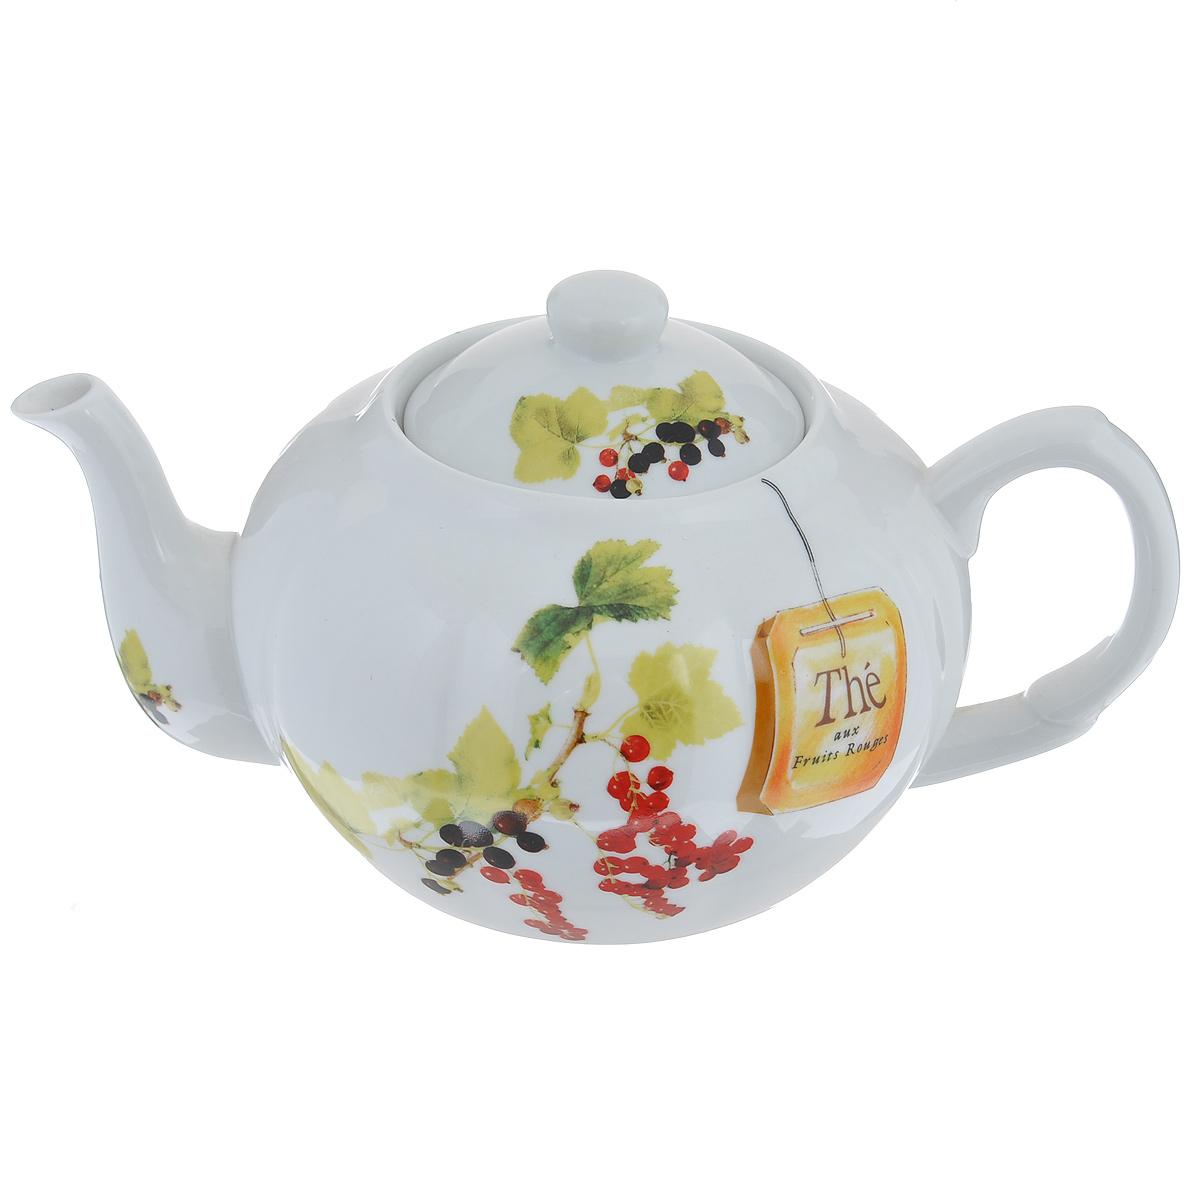 Чайник заварочный Larange Смородина, 1 лVT-1520(SR)Чайник Larange Смородина выполнен из высококачественного фарфора. Чайник декорирован изображением ягод красной и черной смородины. Чайник Larange Смородина предназначен для заваривания чая. Элегантный дизайн и совершенные формы чайника привлекут к себе внимание и украсят интерьер вашей кухни. Чайник Larange Смородина будет не только прекрасным украшением вашего стола, но и отличным подарком к любому празднику.Не использовать в микроволновой печи. Не применять абразивные чистящие вещества. Диаметр чайника по верхнему краю: 8,5 см.Высота чайника: 9,5 см.Диаметр дна чайника: 9 см. Длина чайника (с учетом ручки и носика): 23 см.